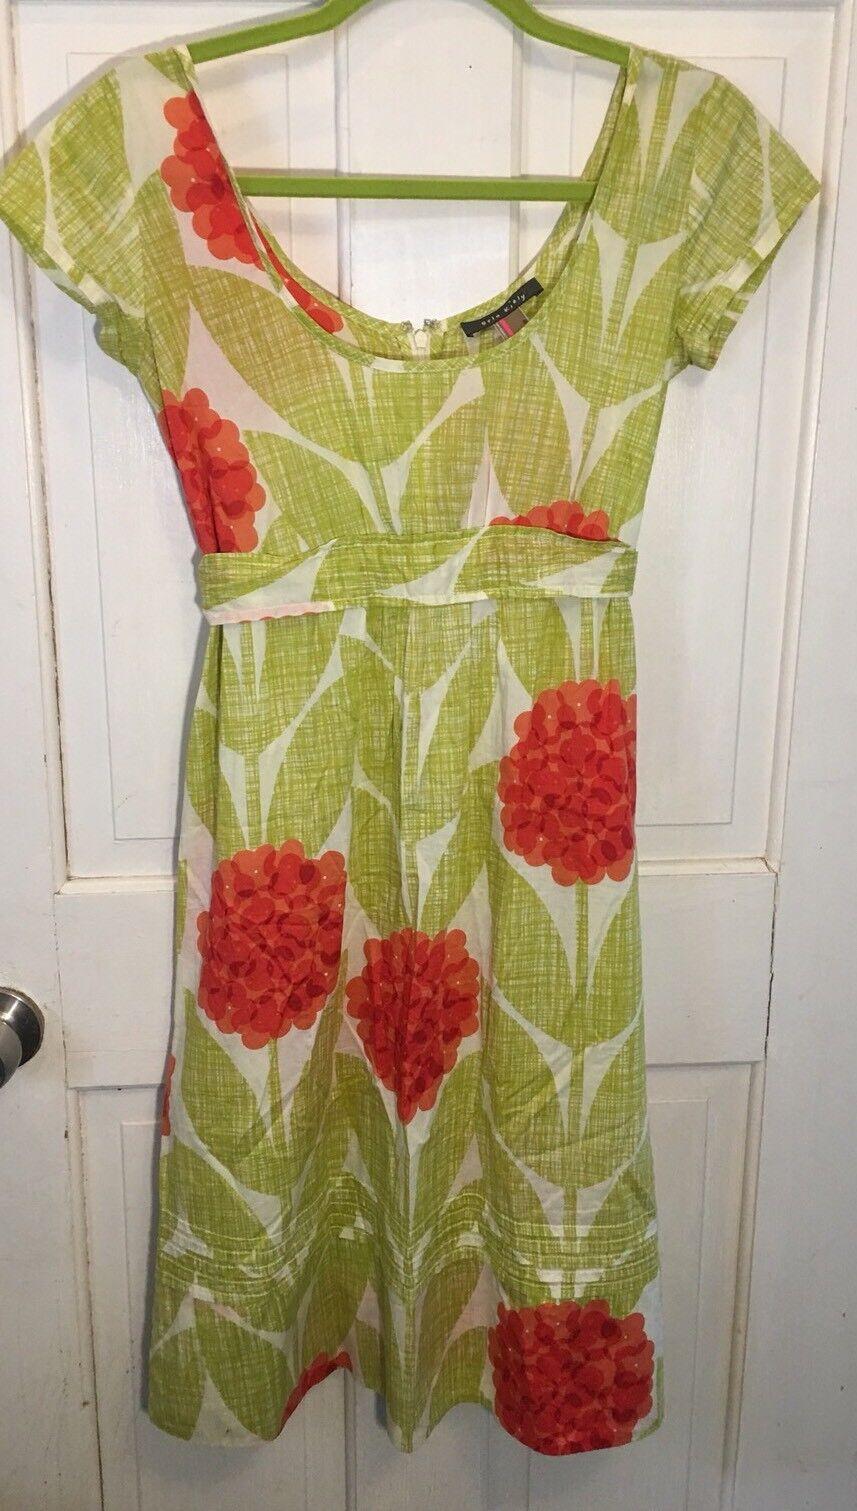 Rare Anthropologie Orla Kiely Floral Geranium Stem Dress M Euc